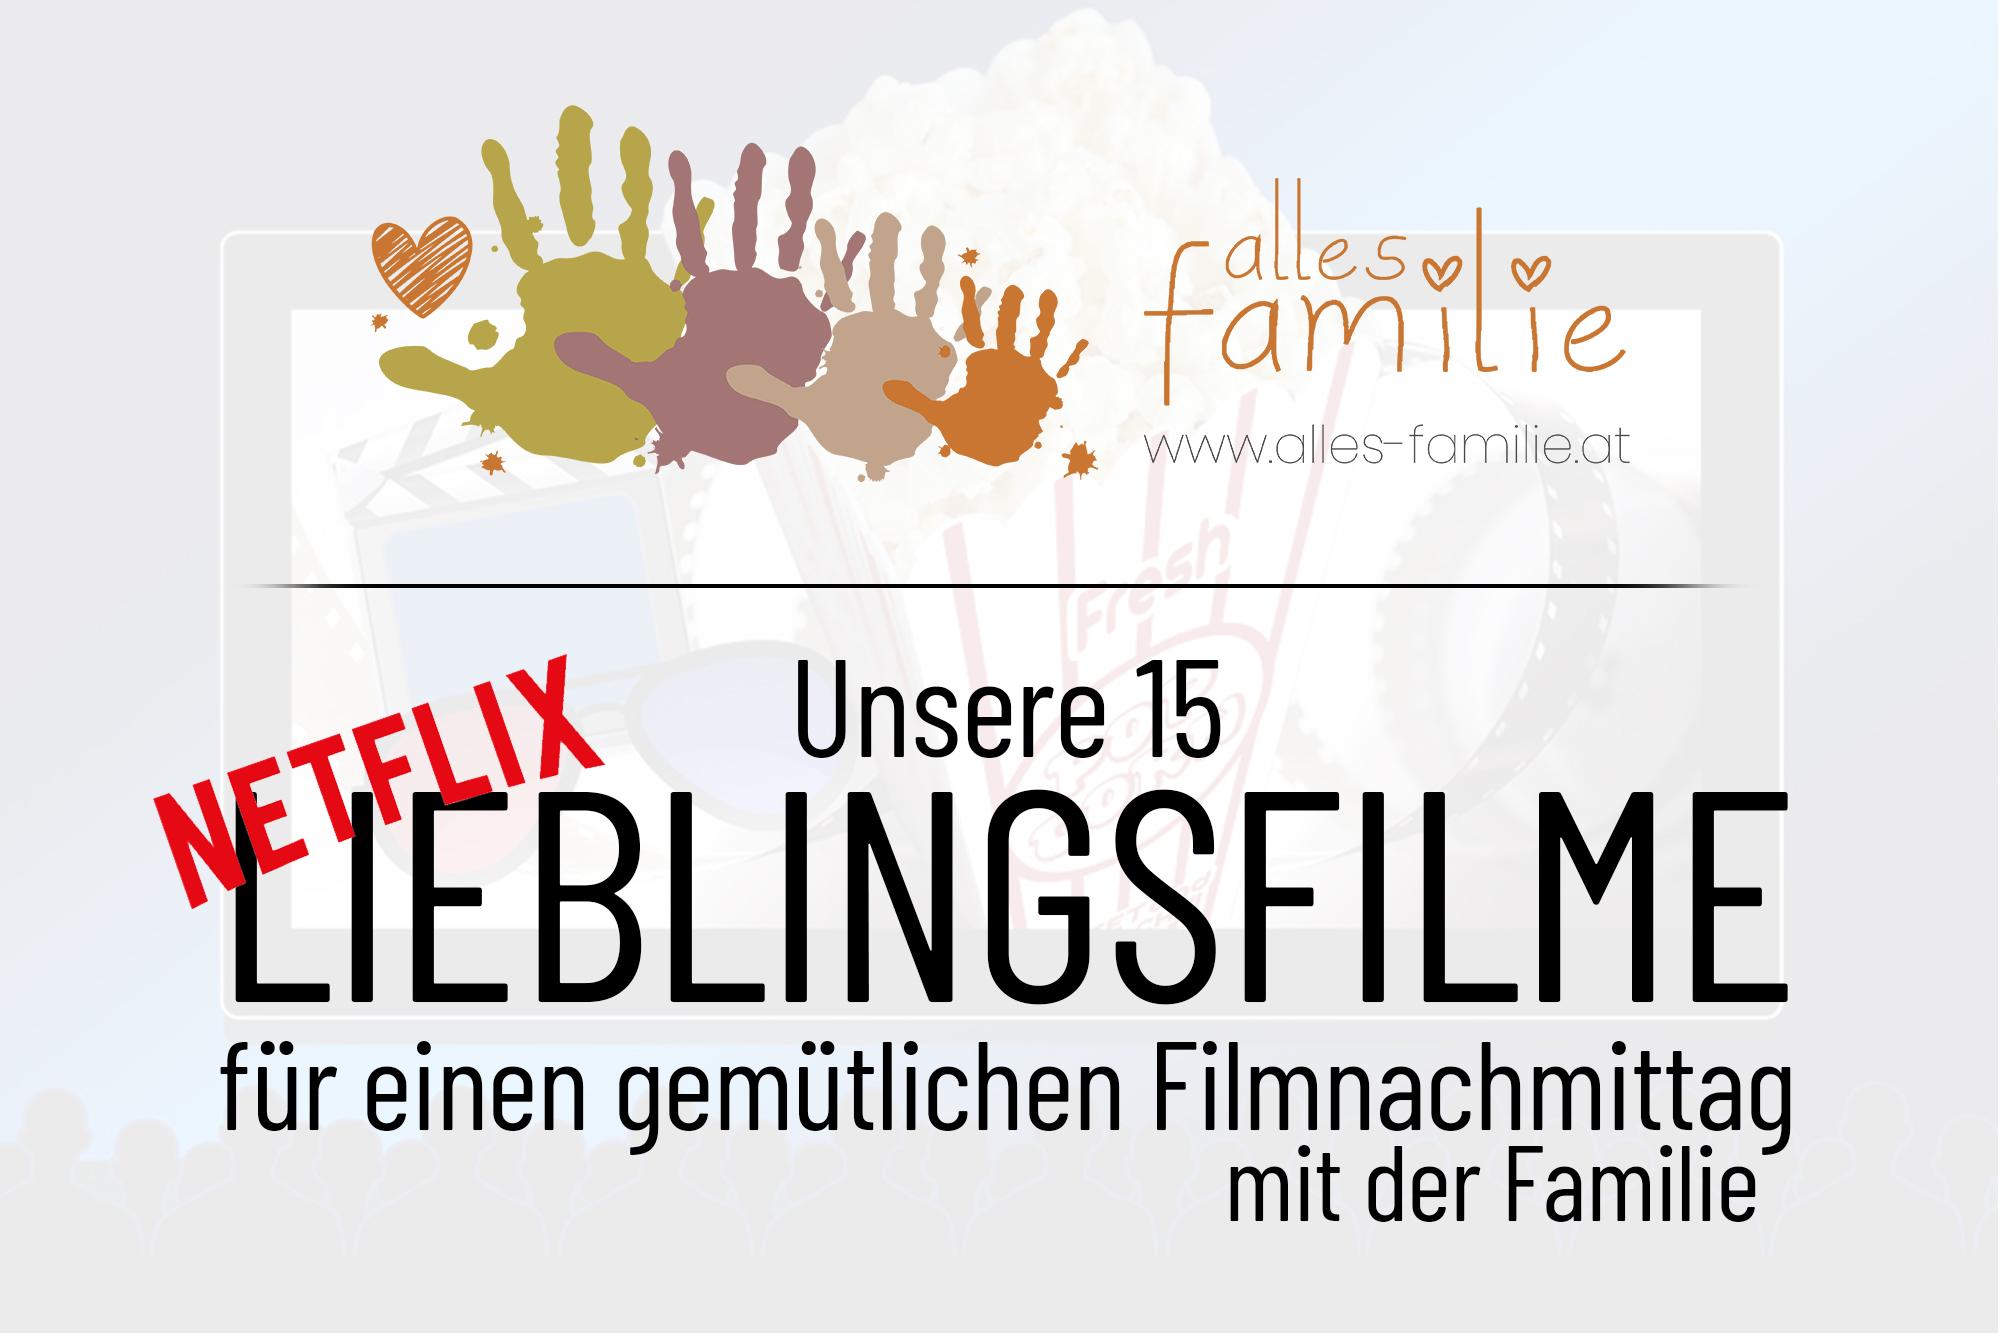 Kinderfilme auf Netflix| Unsere Lieblingsfilme auf Netflix